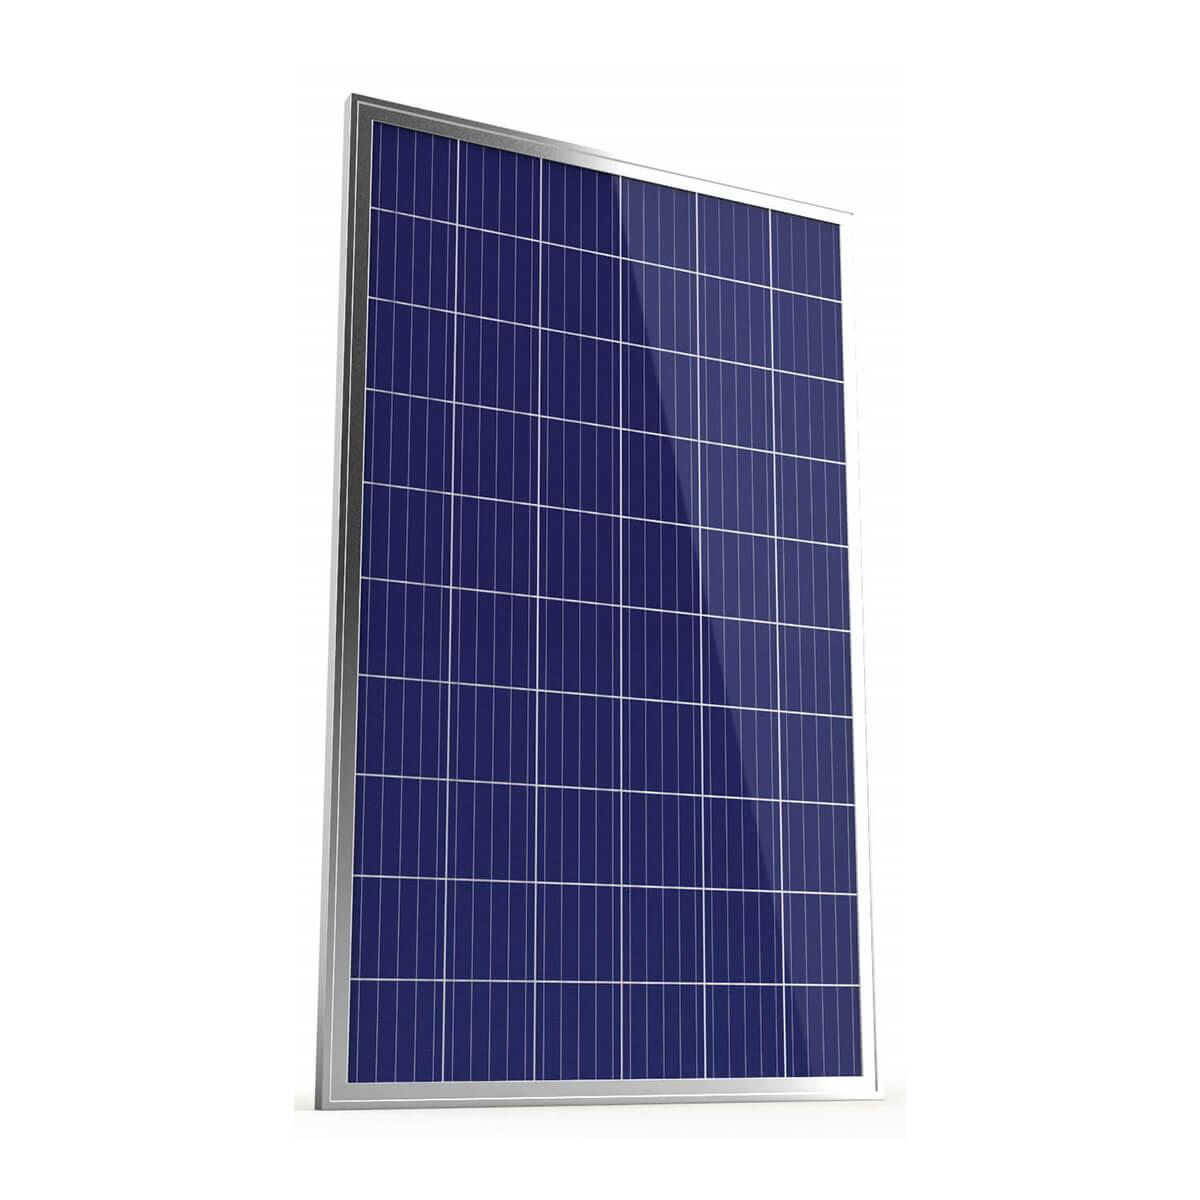 2h enerji winasol 265W panel, 2h enerji winasol 265Watt panel, 2h enerji winasol 265 W panel, 2h enerji winasol 265 Watt panel, 2h enerji winasol 265 Watt polikristal panel, 2h enerji winasol 265 W watt gunes paneli, 2h enerji winasol 265 W watt polikristal gunes paneli, 2h enerji winasol 265 W Watt fotovoltaik polikristal solar panel, 2h enerji winasol 265W polikristal gunes enerjisi, 2h enerji winasol 60-265W panel, WINASOL 265 WATT